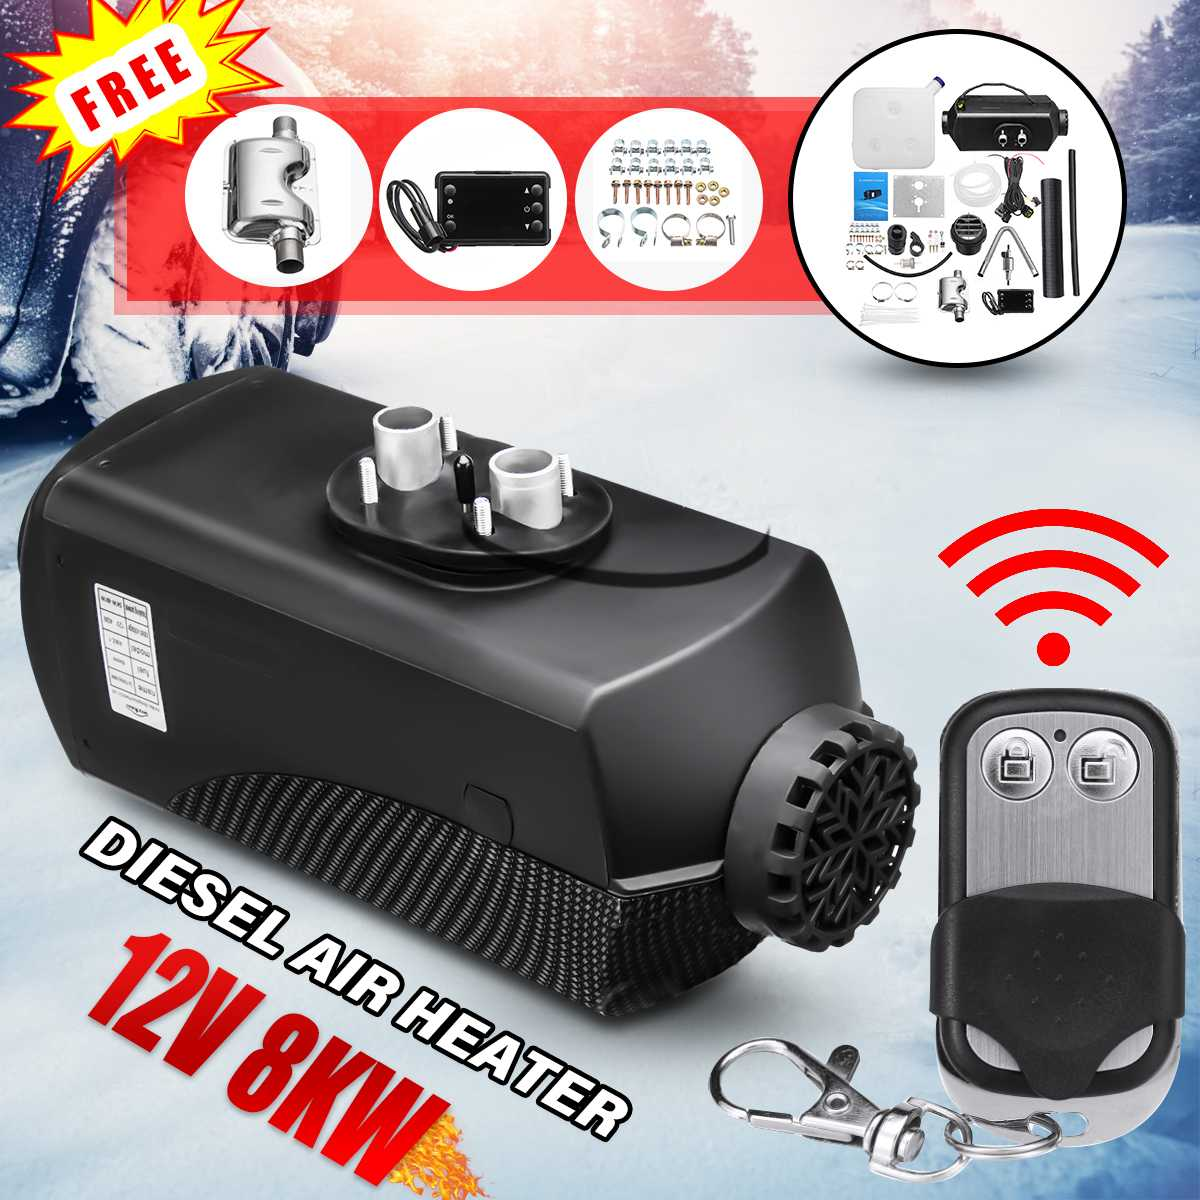 12 V 8000 W 8KW Diesel Fuel Air Heater w/Monitor LCD Termostato de Controle Remoto Para O Barco Do Caminhão do Carro reboque Auto Aquecimento Do Ar No Interior